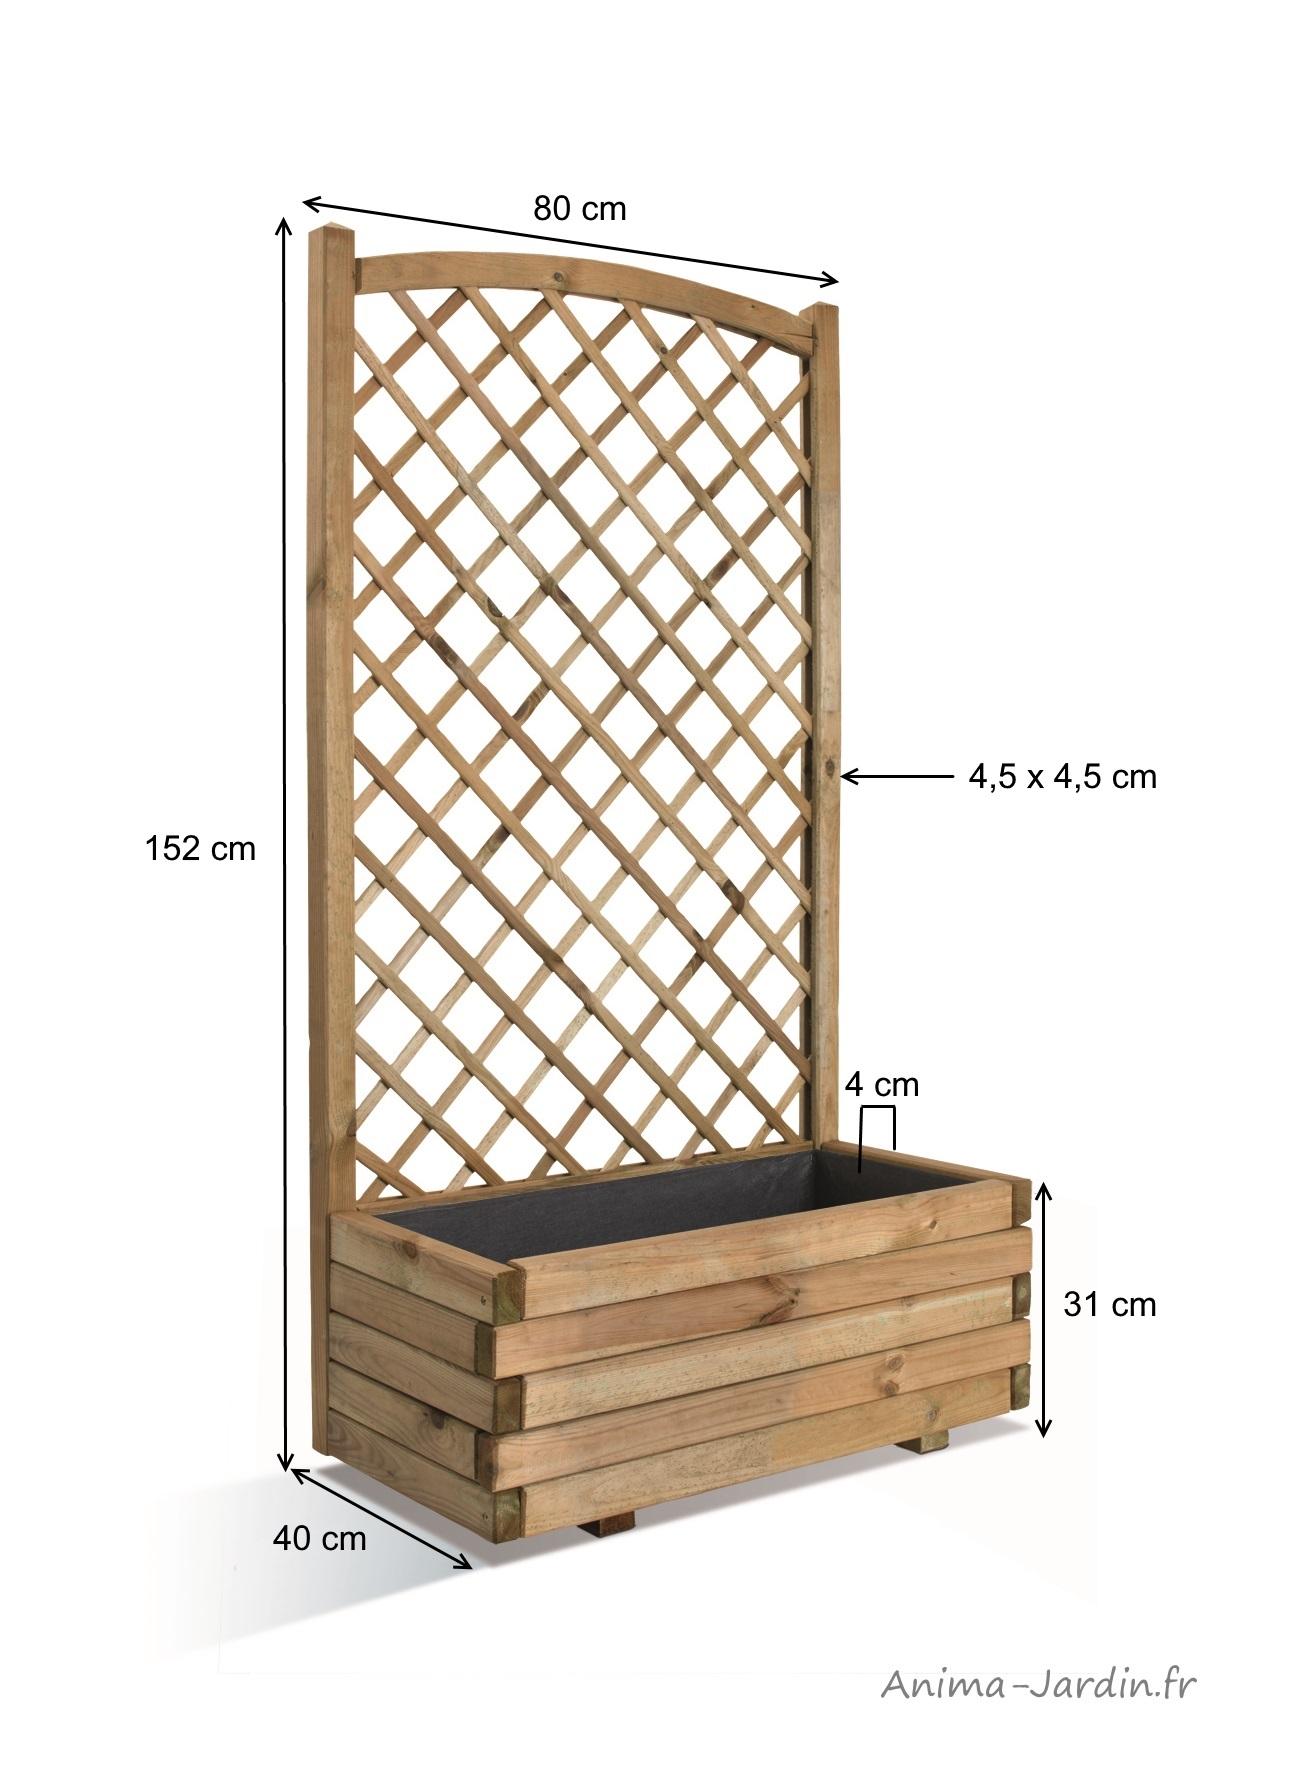 Fabriquer Treillis Bois Pour Plantes Grimpantes bac lierre, 80 cm, treillis, arc, bois autoclave, bac à